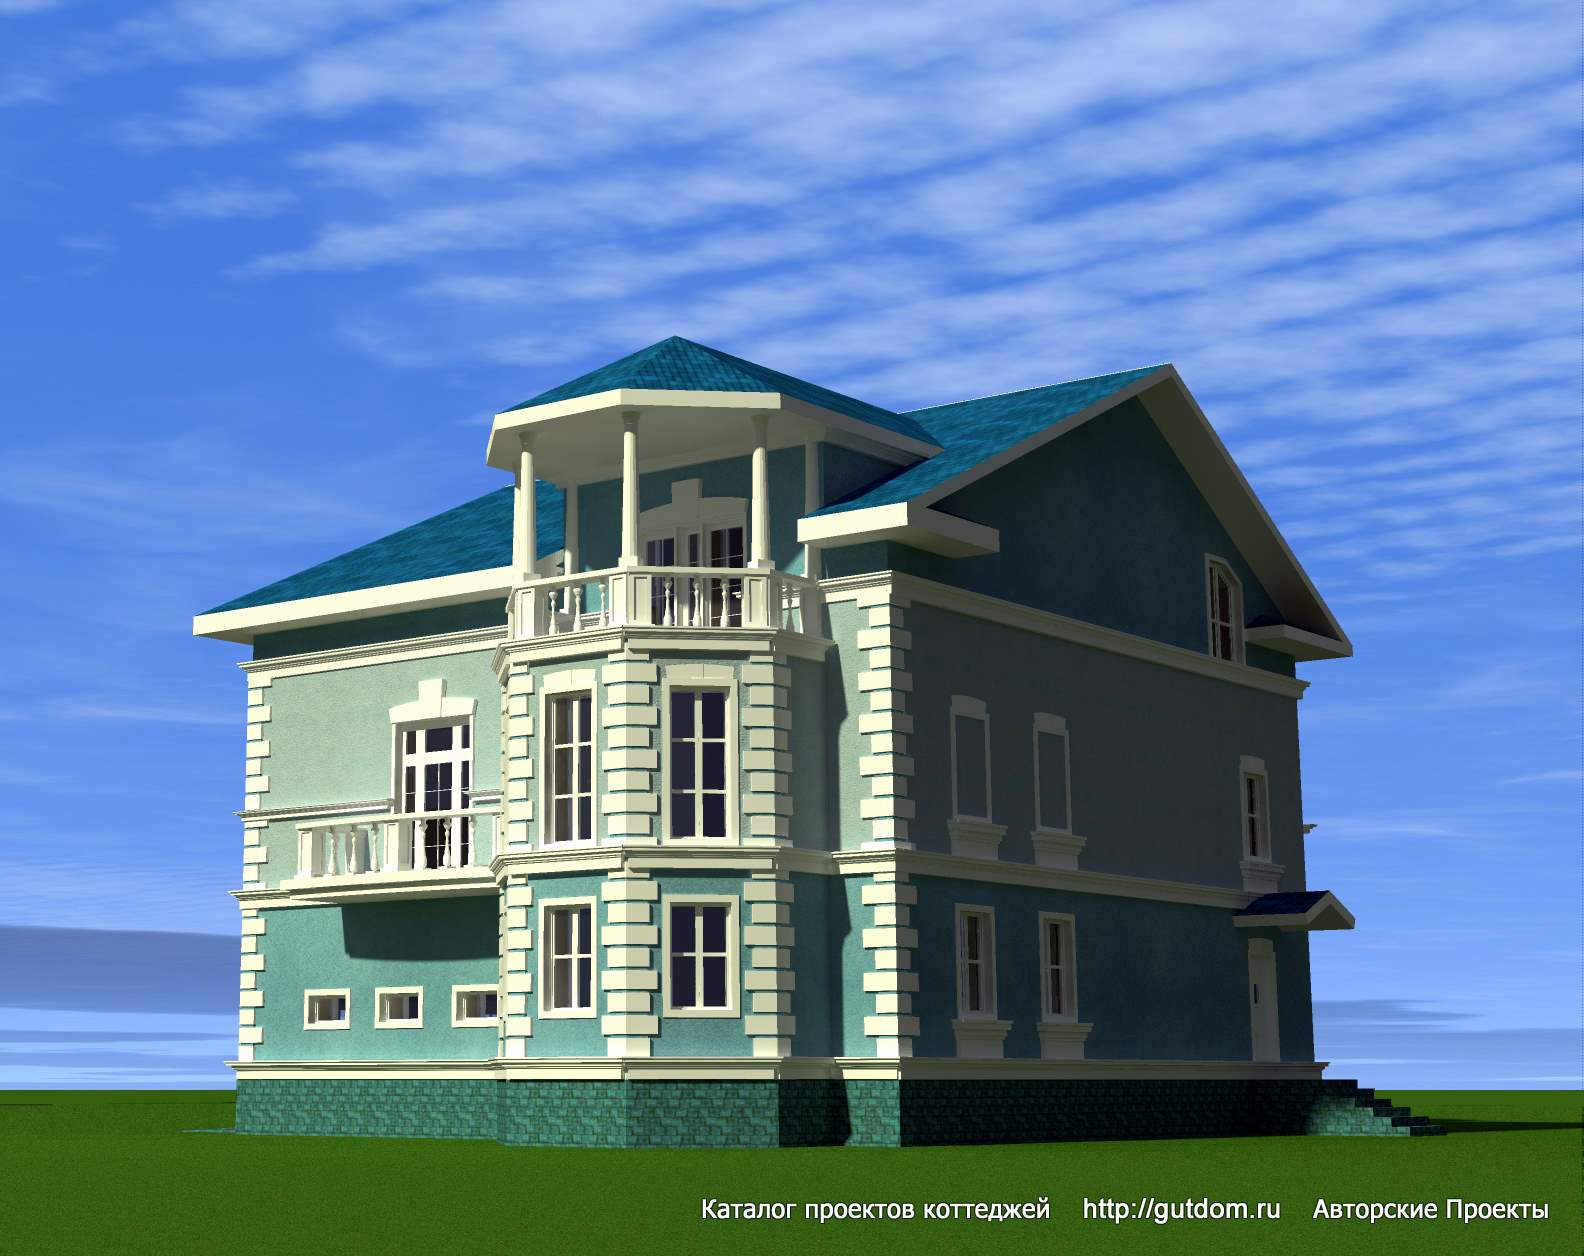 Дом с балконами над эркером..